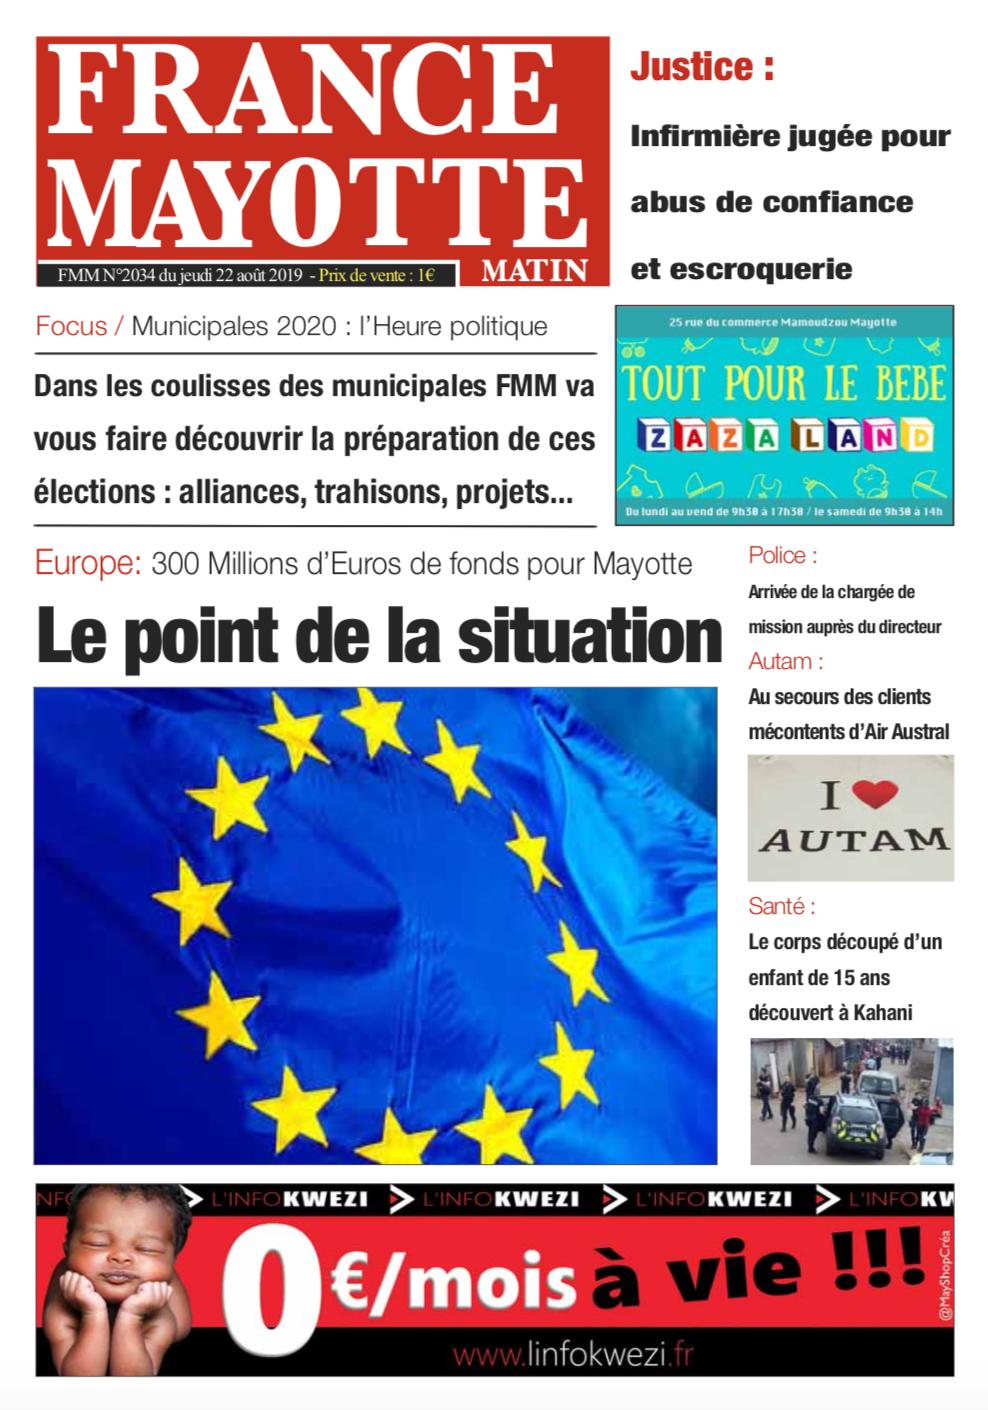 France Mayotte Jeudi 22 août 2019